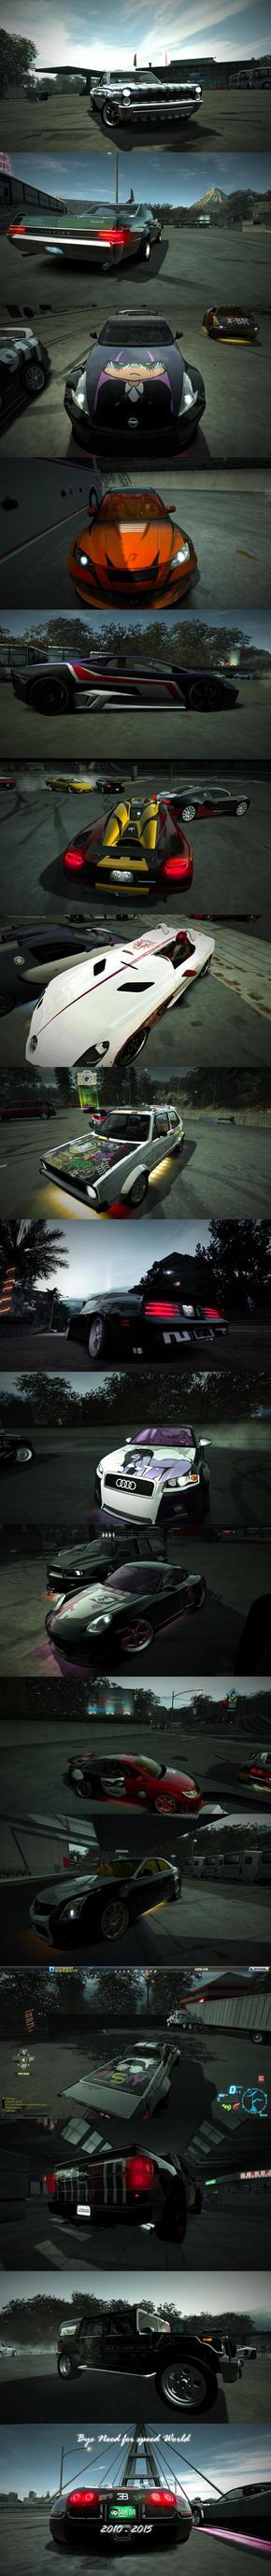 Bye Need For Speed World 2010 - 2015 by StikyfinkaZ-003